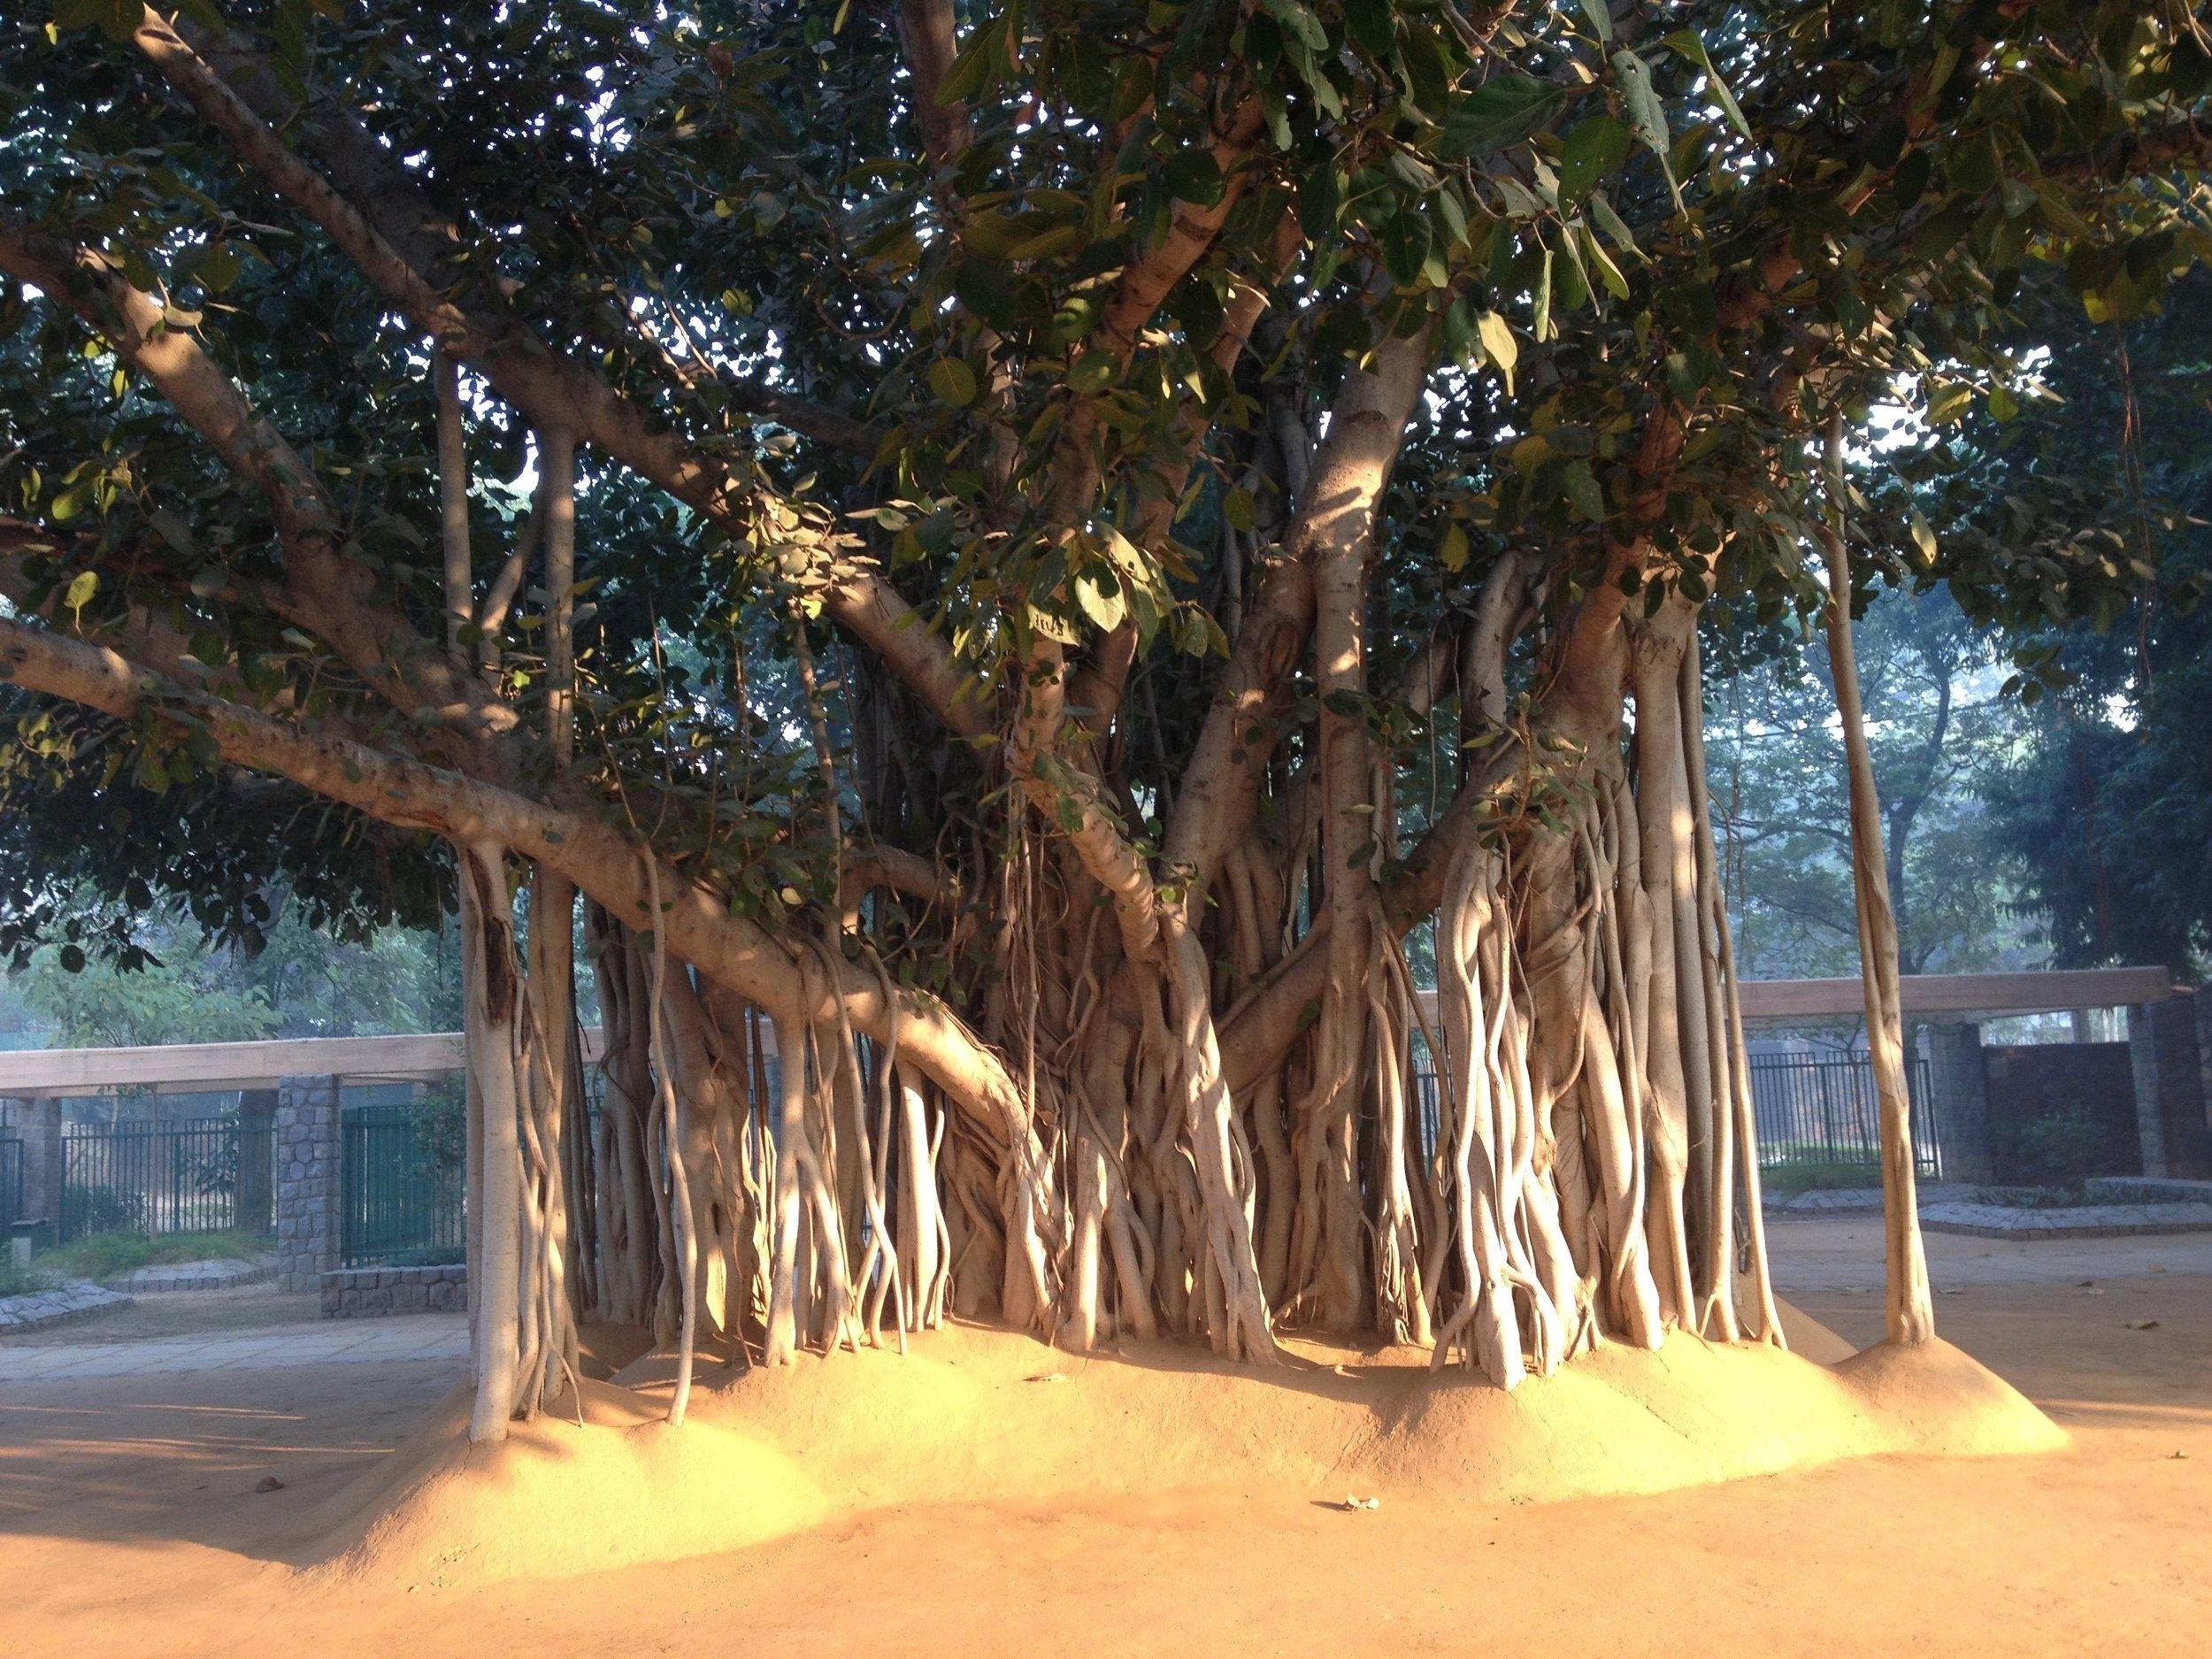 The banyan tree at the entrance to the Sanskriti Kendra